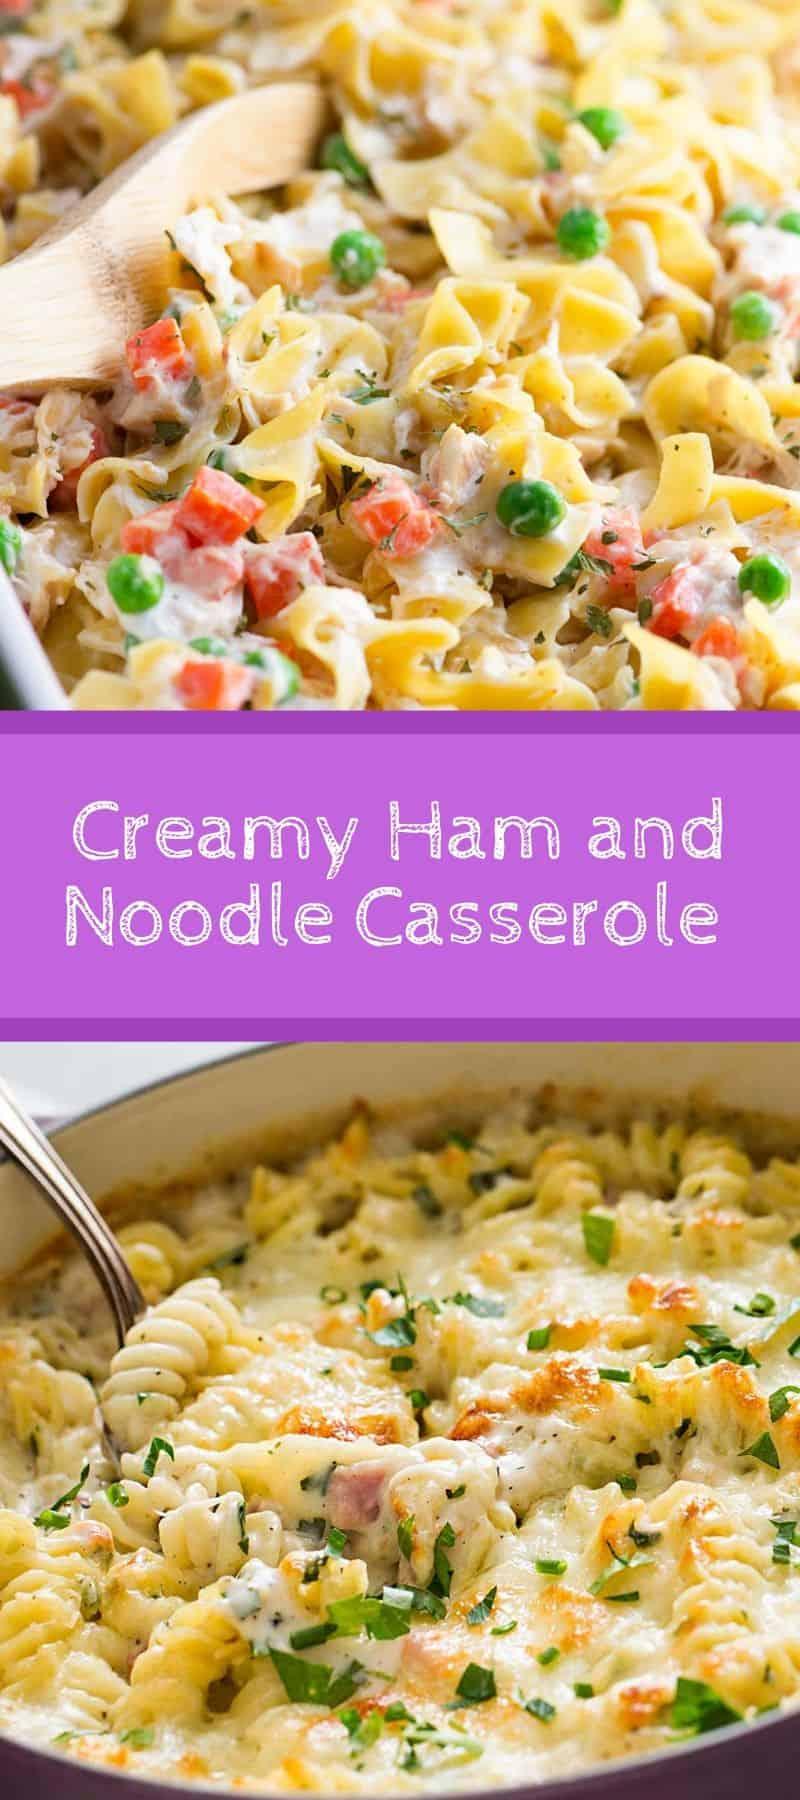 Creamy Ham and Noodle Casserole Recipe 3